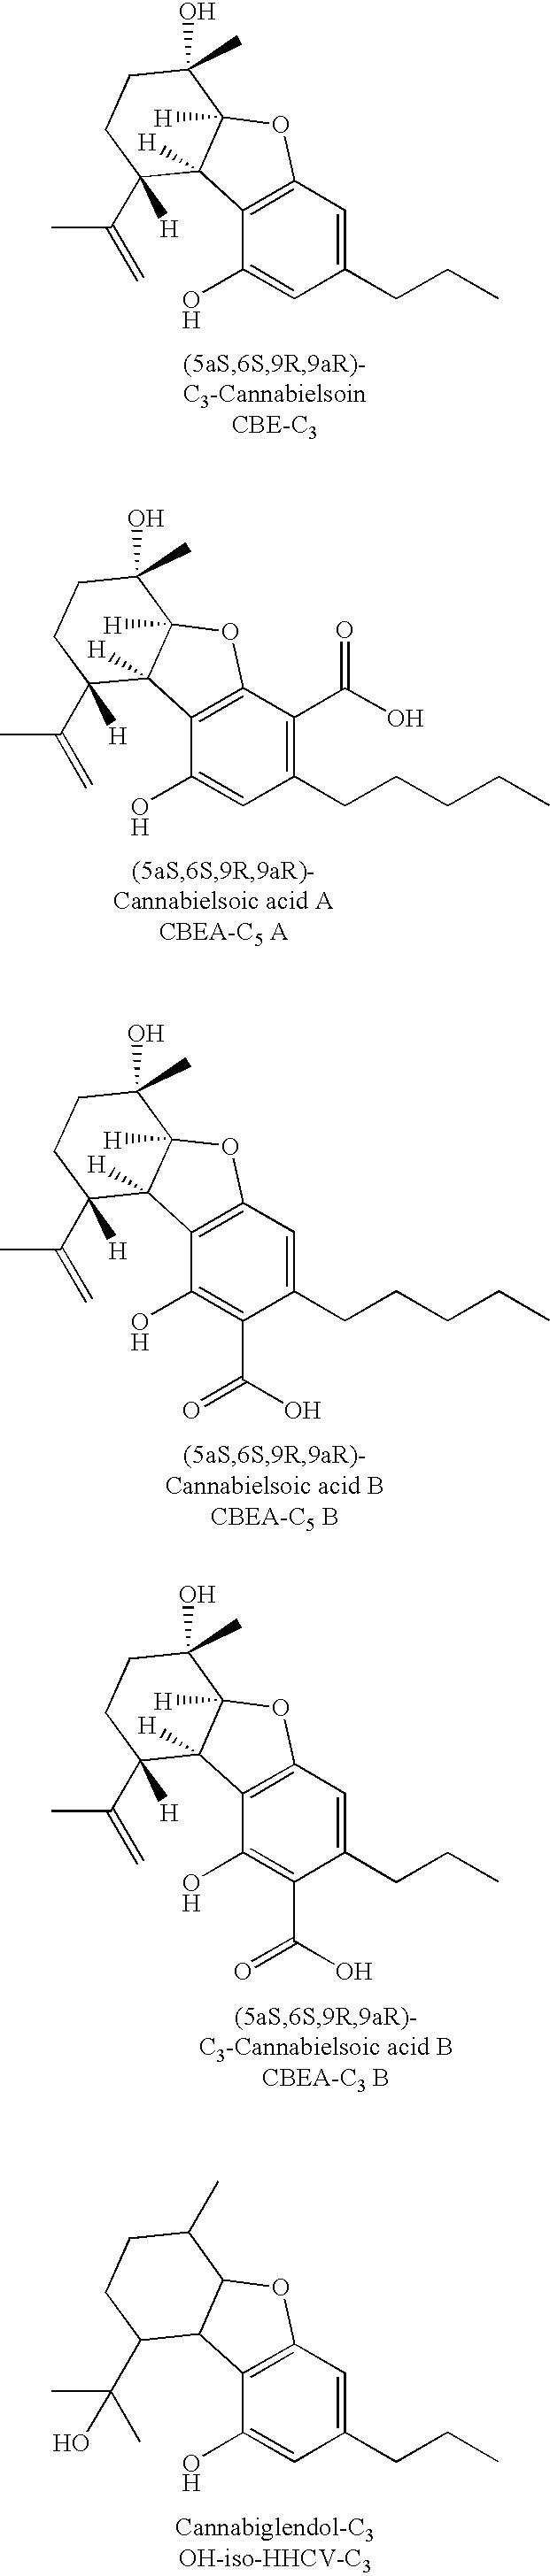 Figure US20100204312A1-20100812-C00033